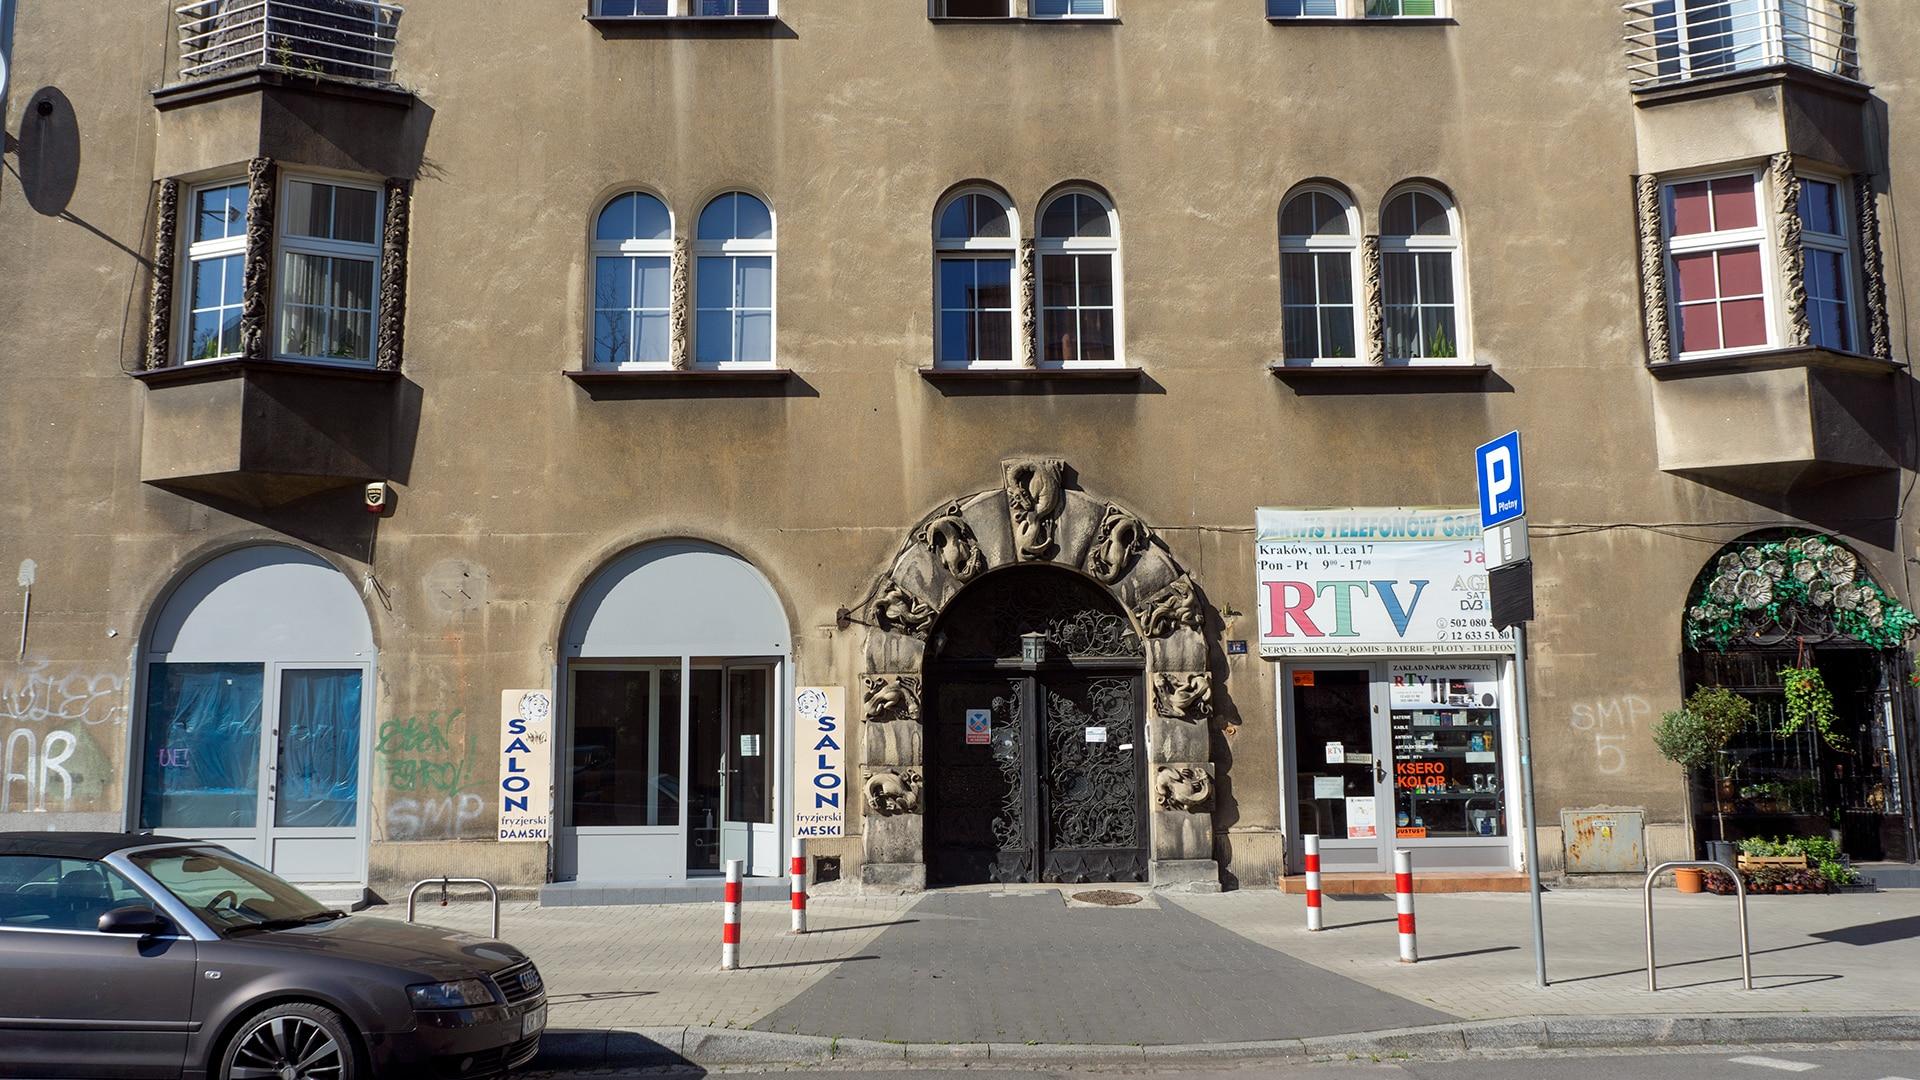 Wejście do domu architekta Zygmunta Gawlika przy ulicy Juliusza Lea w Krakowie.